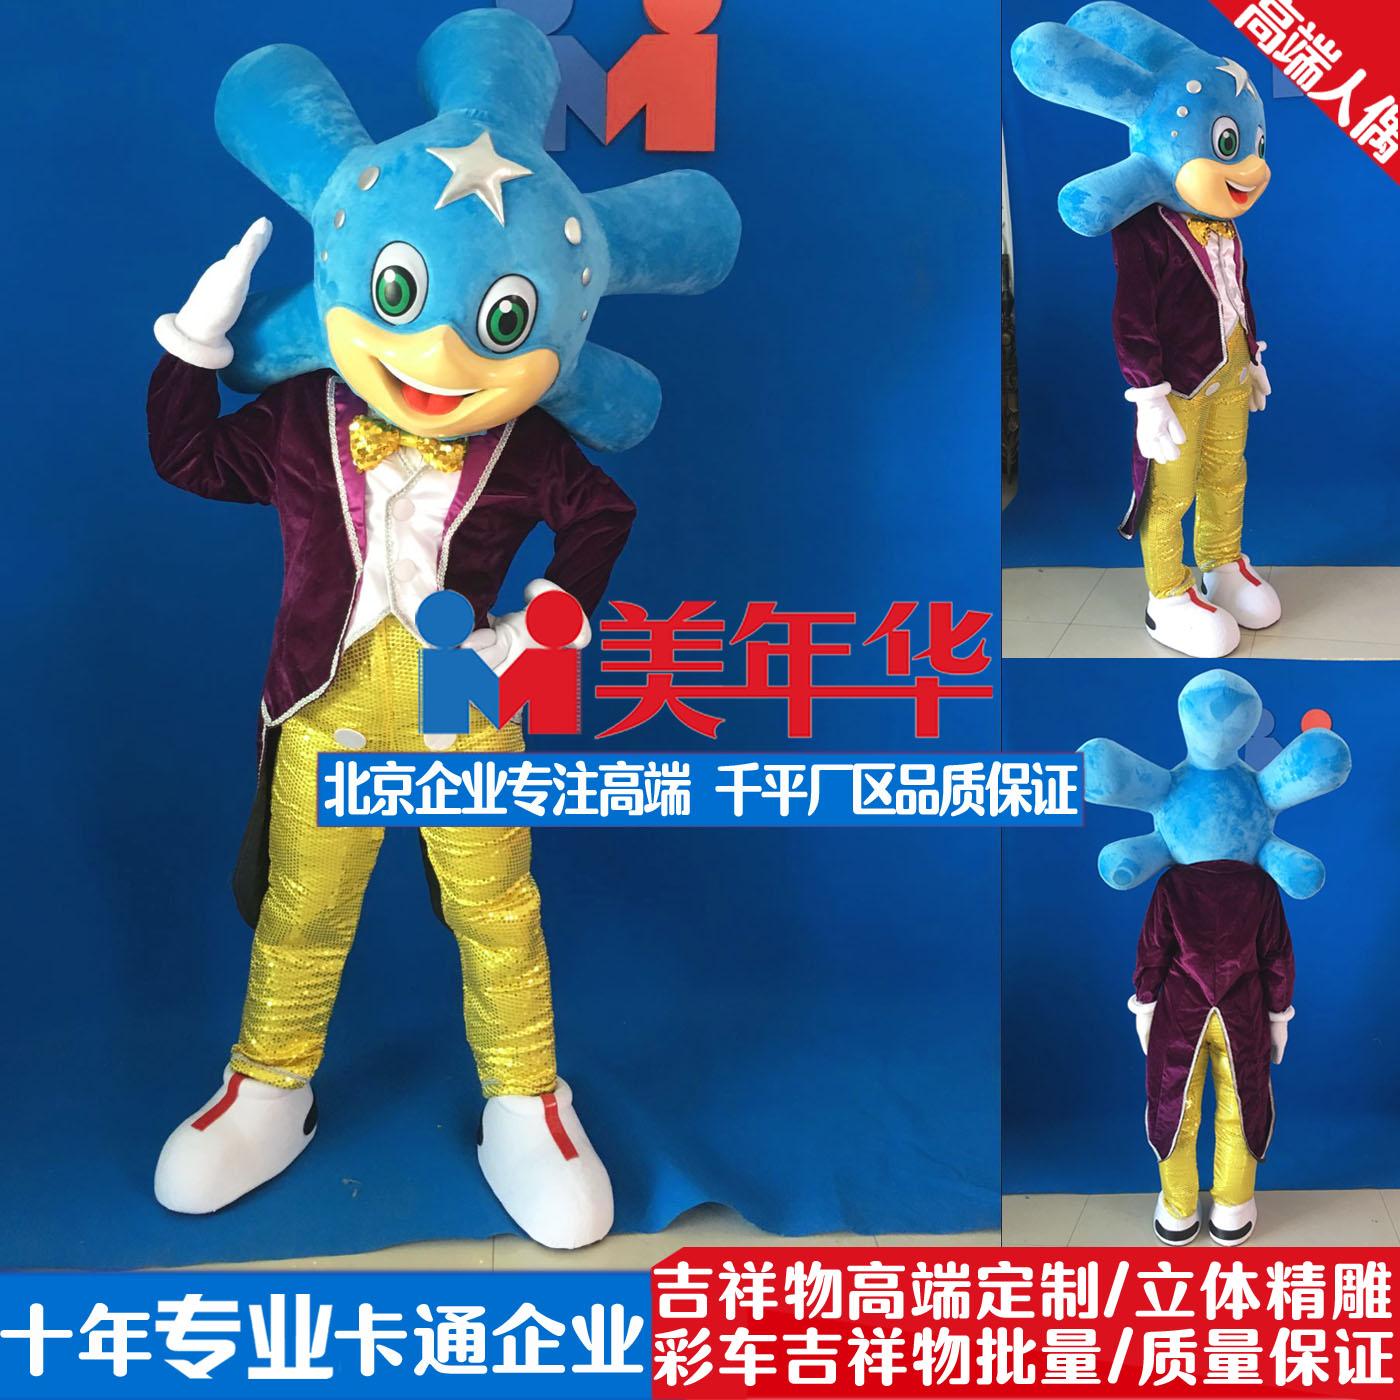 包邮酷乐cos玩偶舞台动漫演出电影道具来图定制卡通人偶服装定做